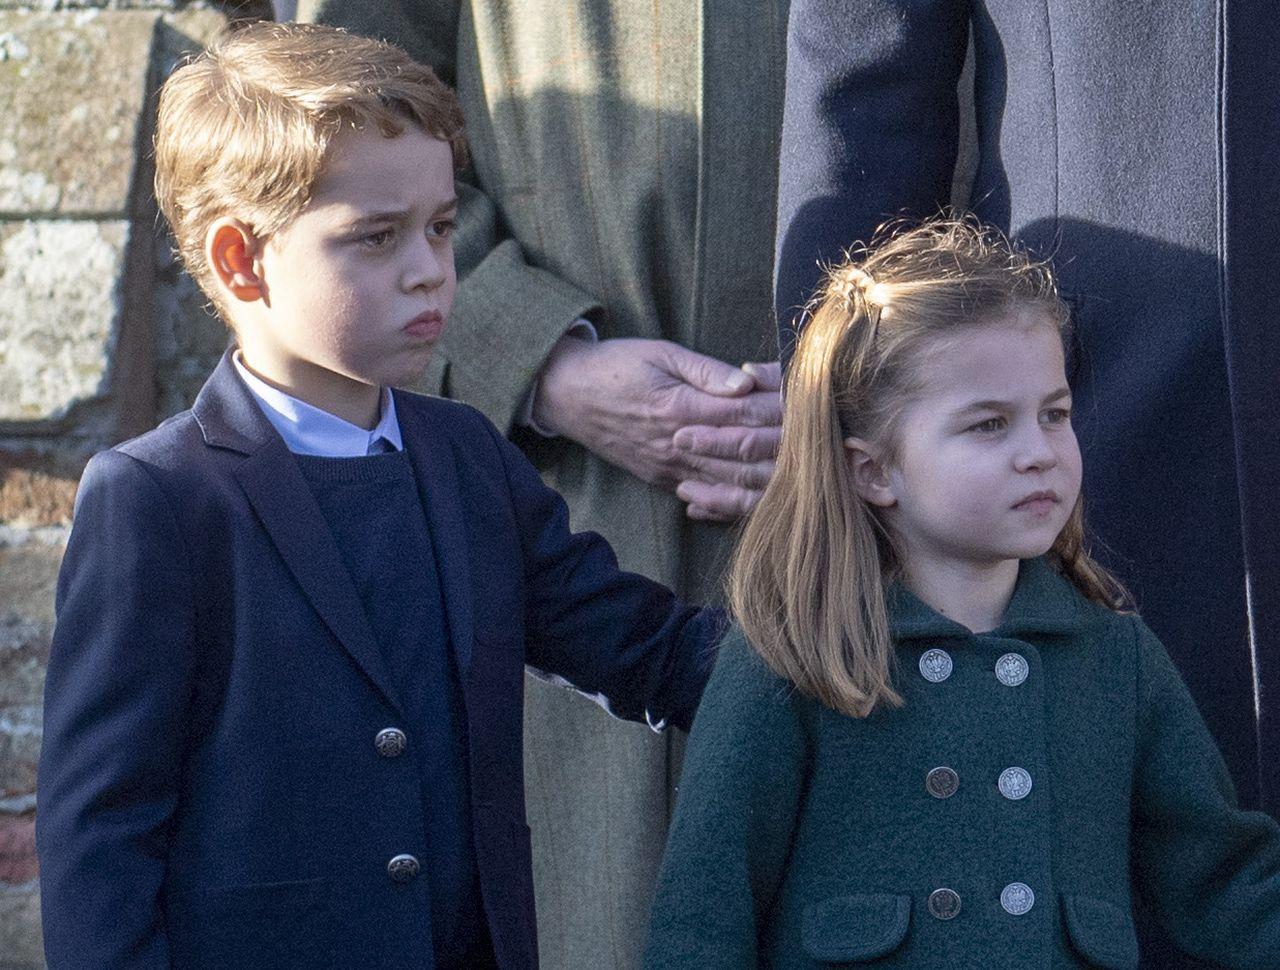 Książę George, księżniczka Charlotte w płaszczykach na oficjalnym wystąpieniu.